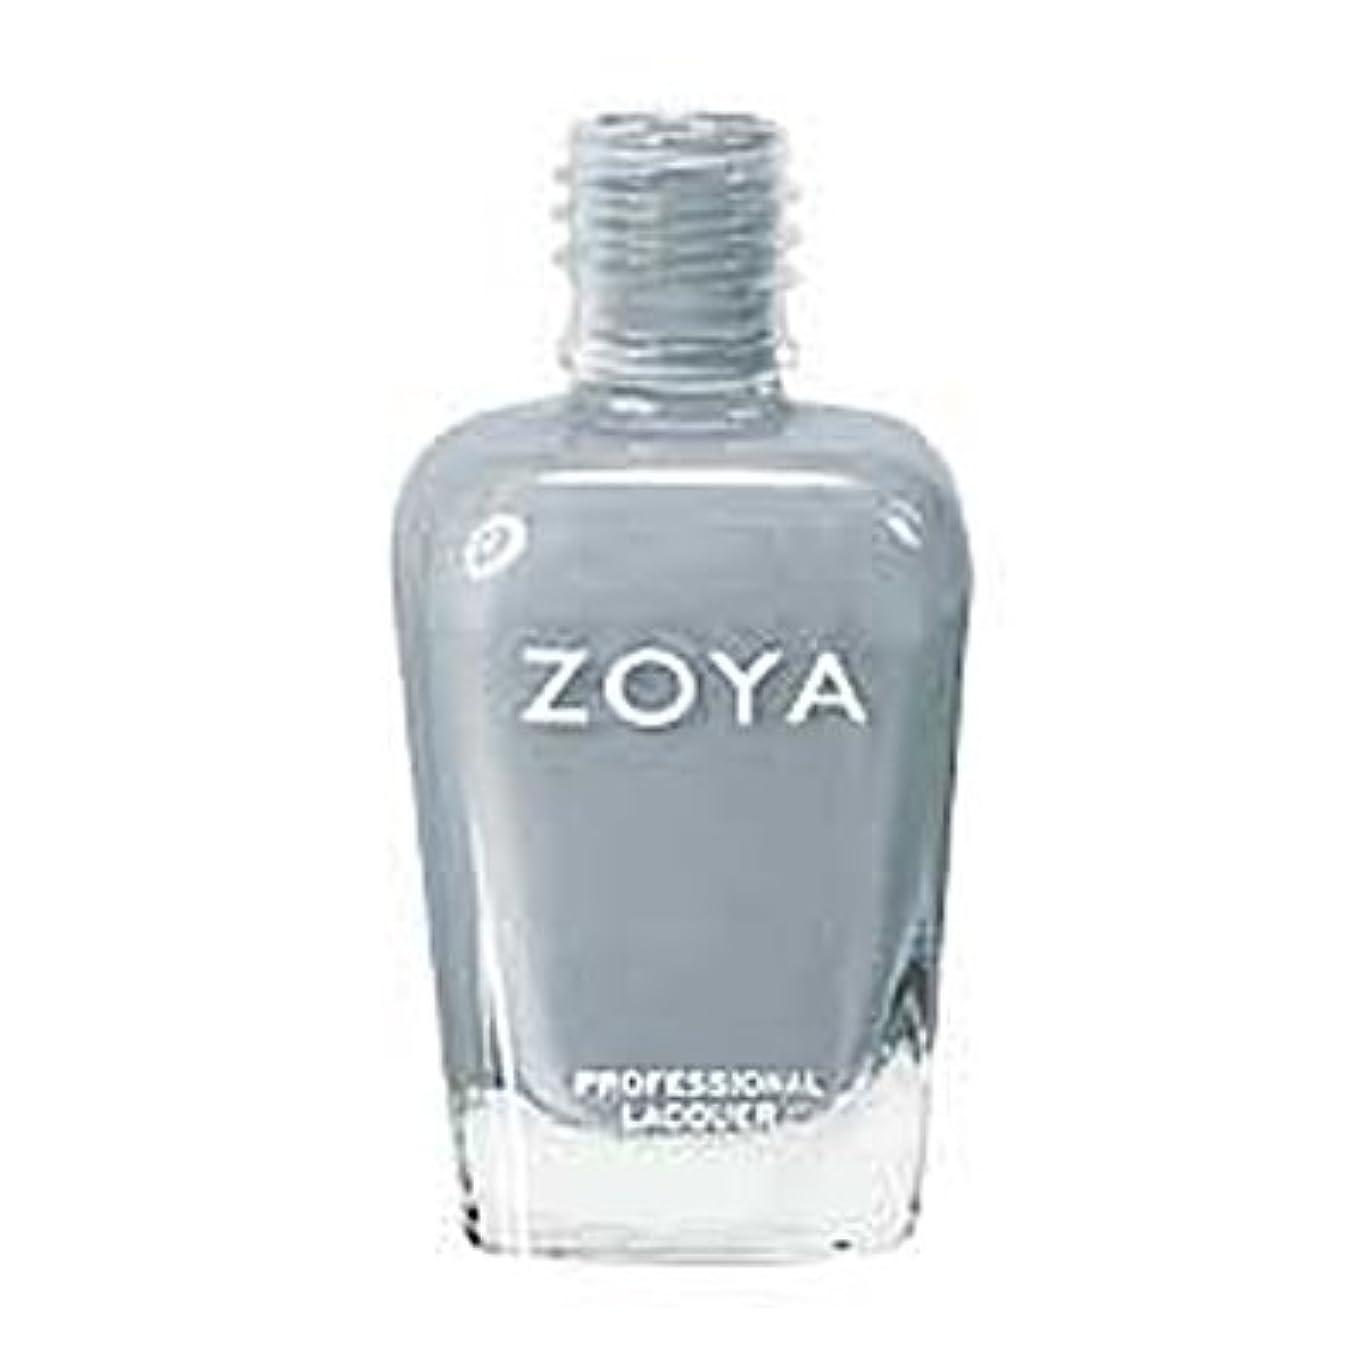 チェリーウィスキー有限[Zoya] ZP591 クリスティン [Feel Collection][並行輸入品][海外直送品]